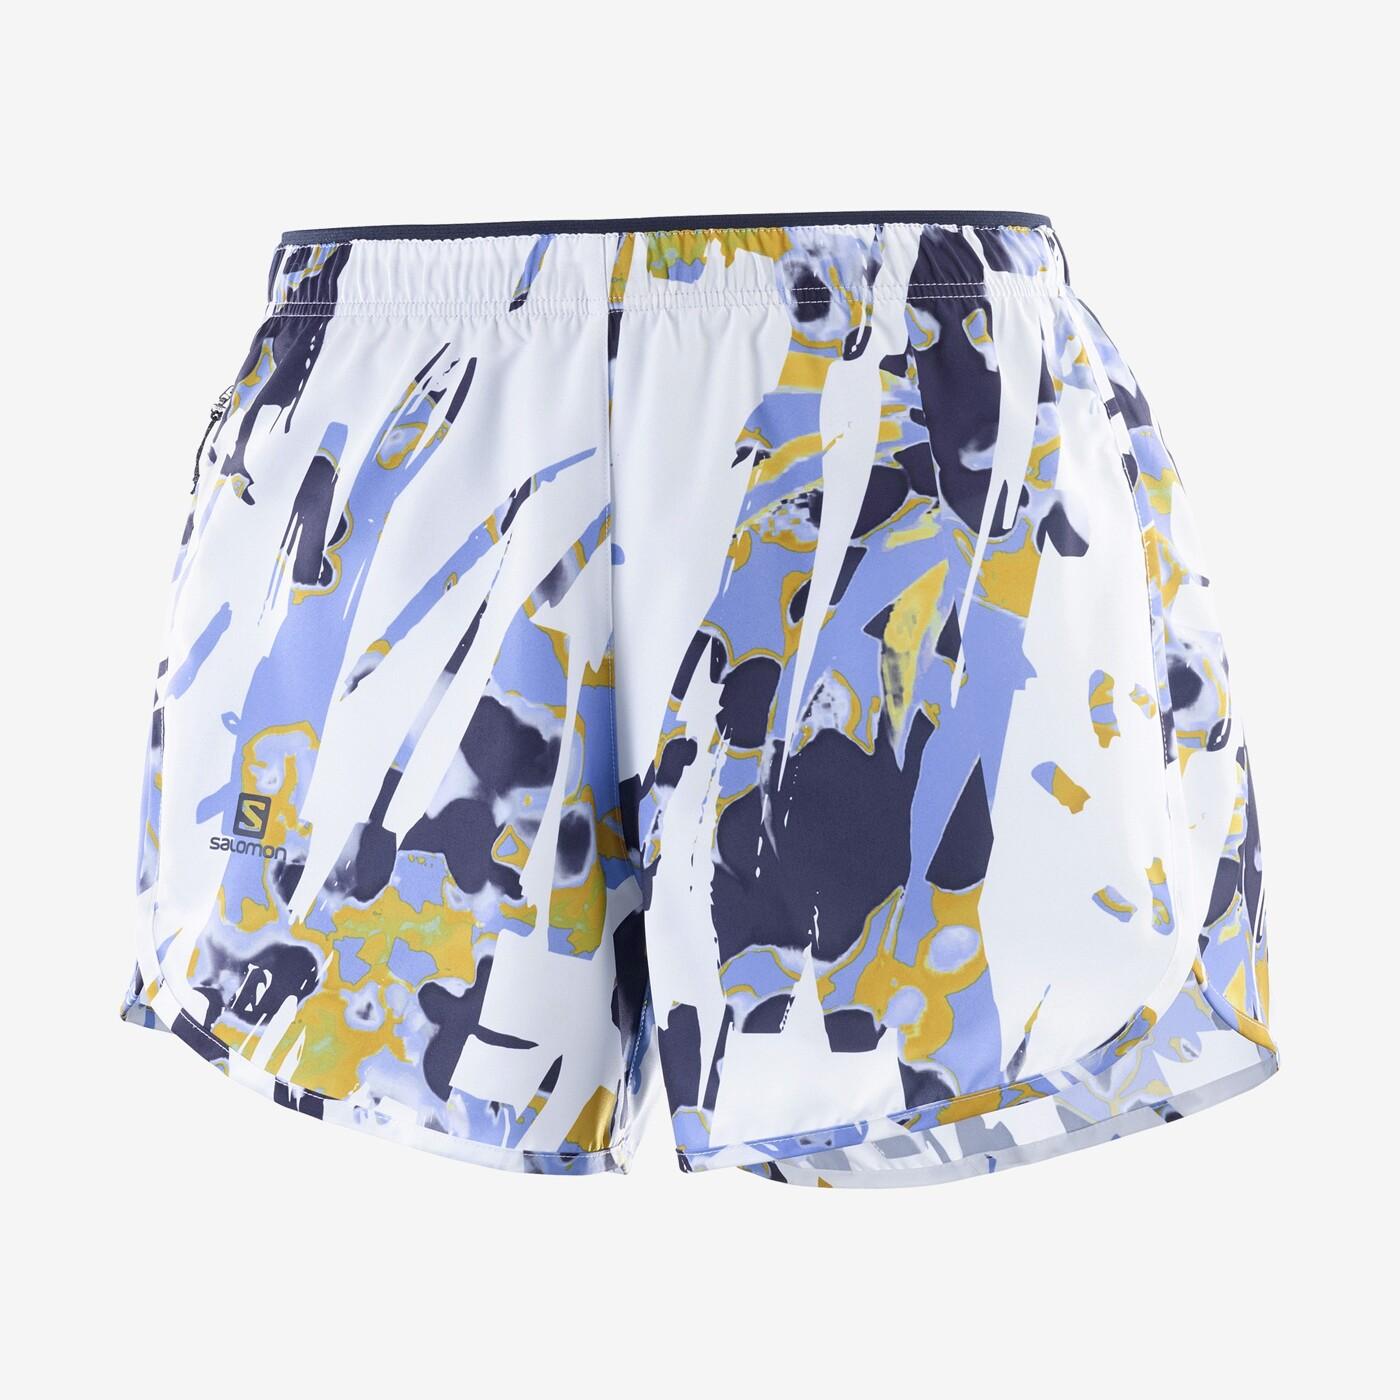 SALOMON AGILE - Shorts - Damen